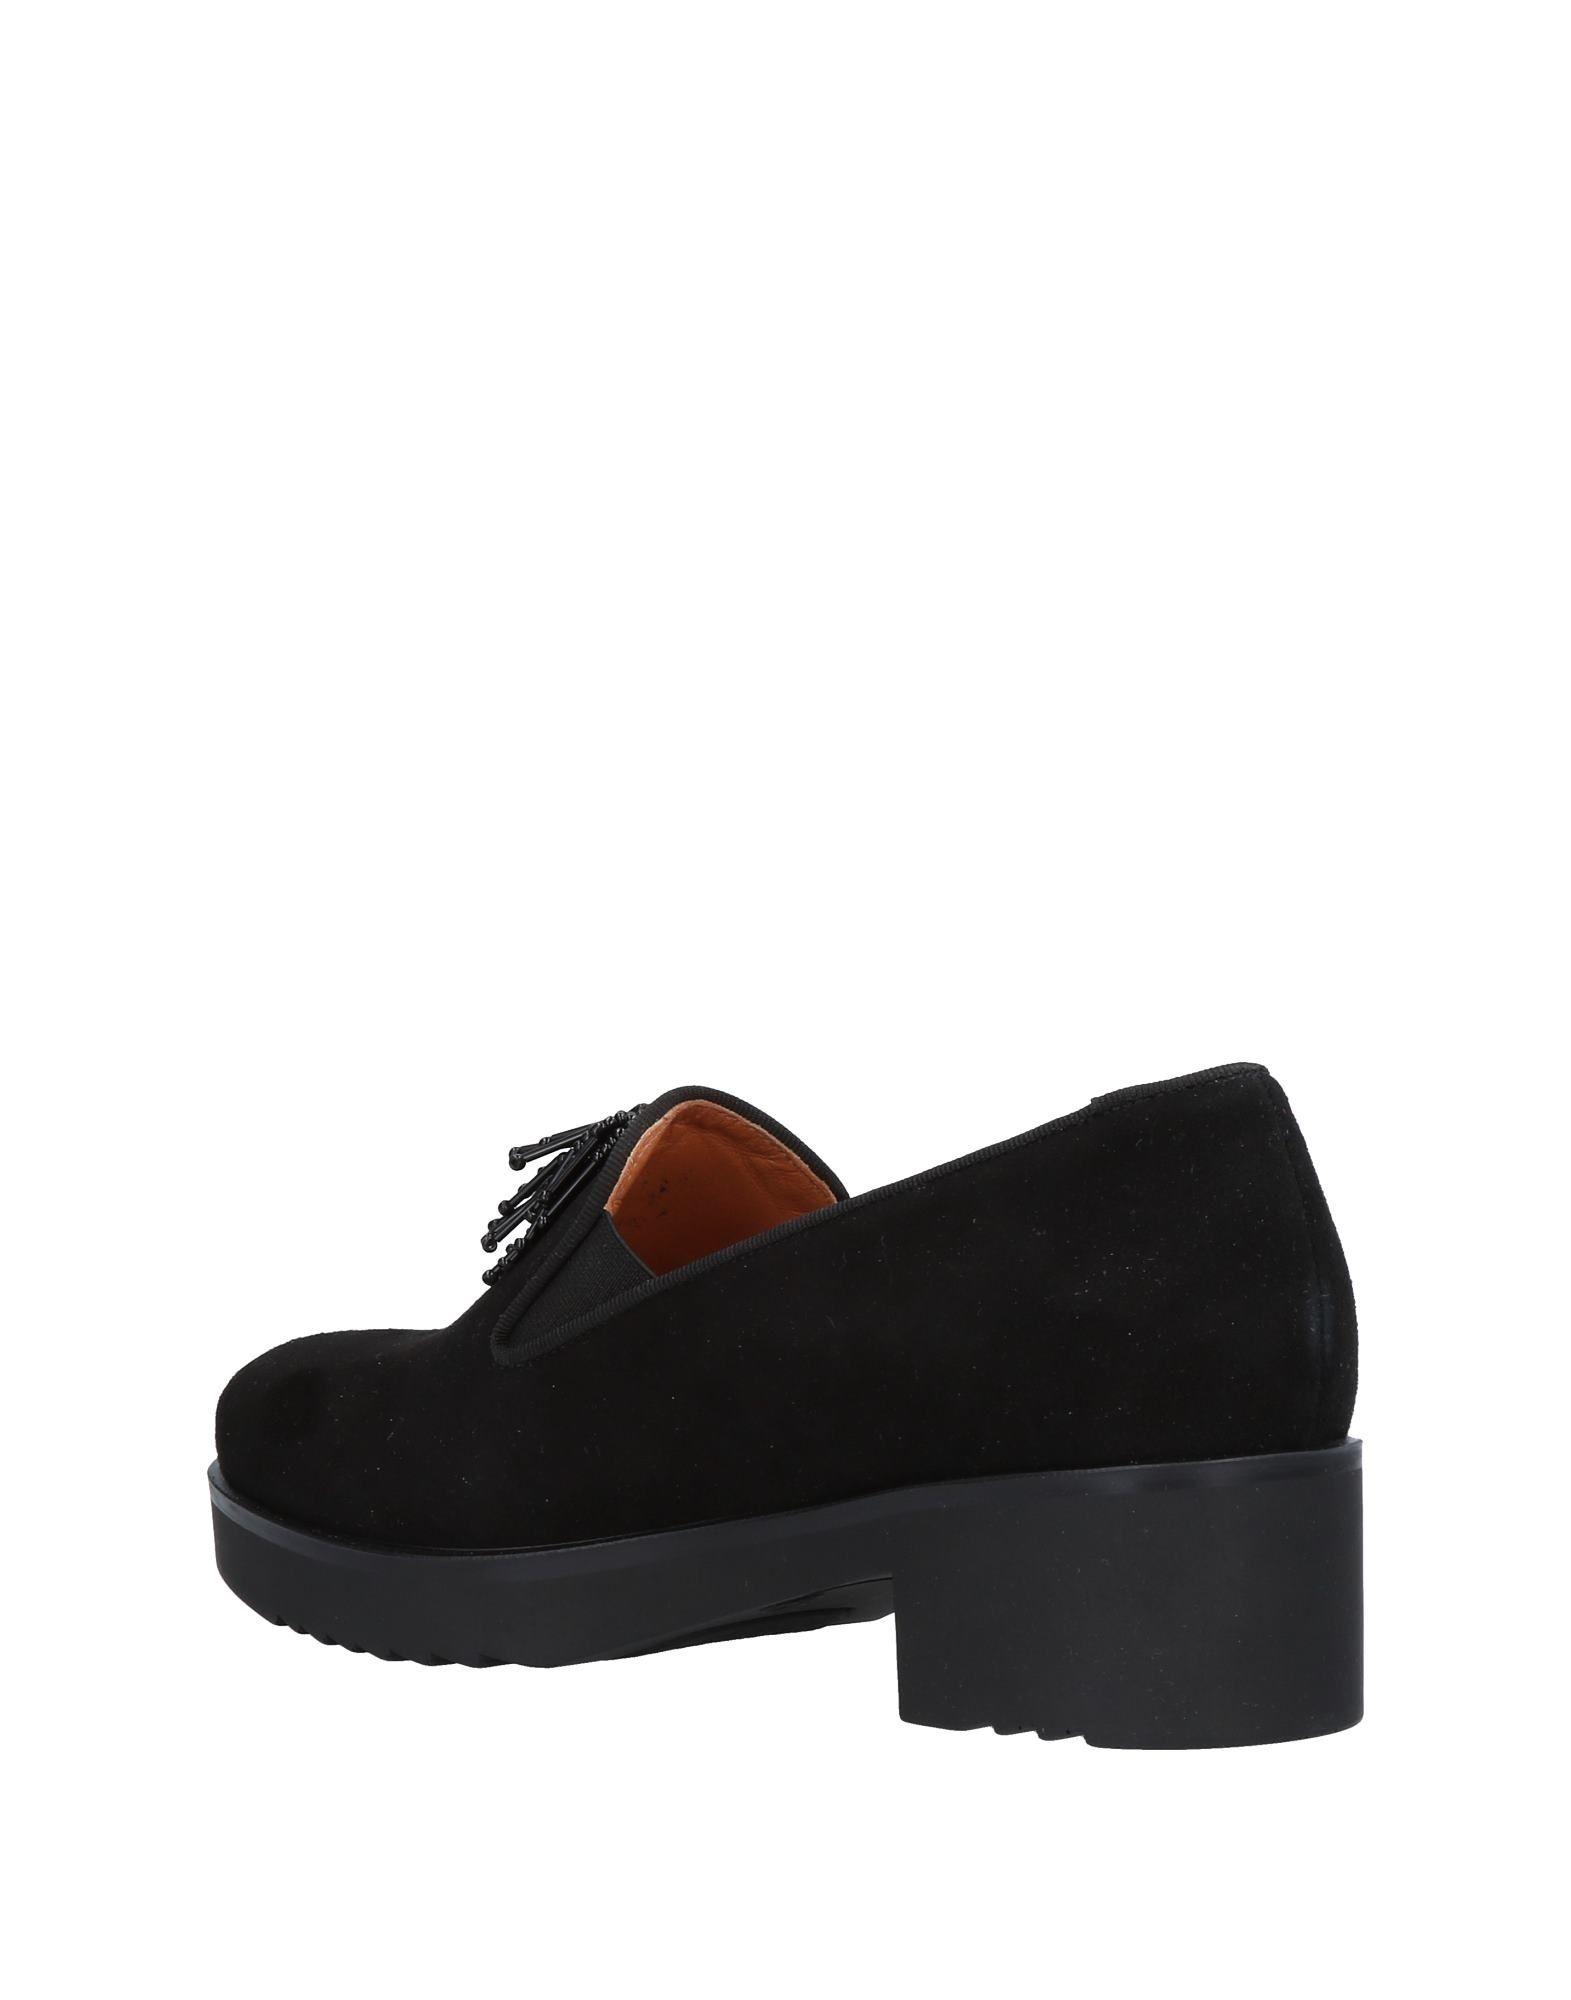 Damenschuhe Soft Mokassins Damen  11487199RC 11487199RC 11487199RC Gute Qualität beliebte Schuhe 104ce5